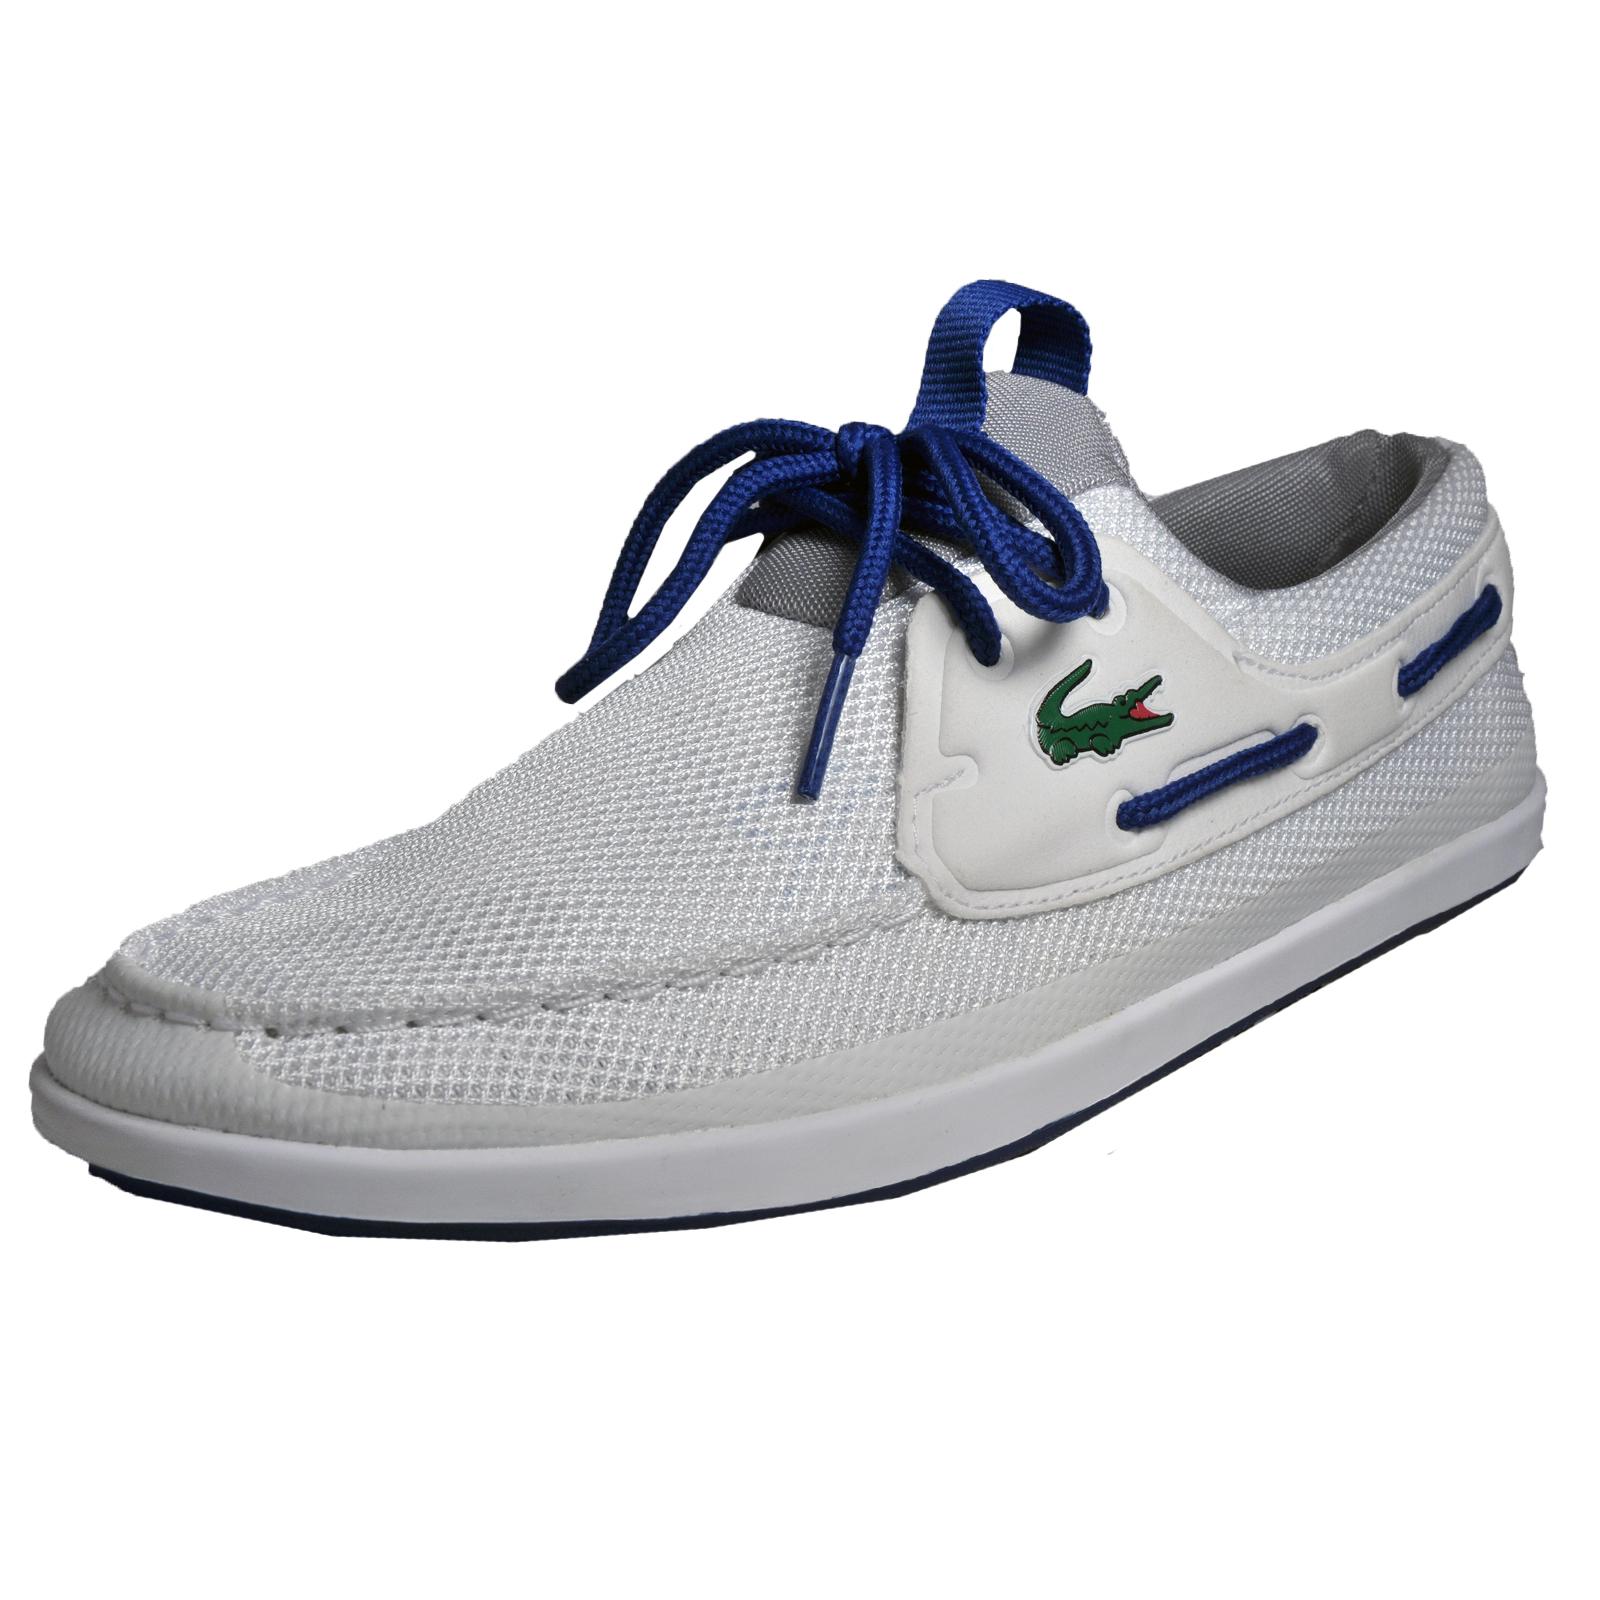 5b1c258d1 Details about Lacoste Landsailing 117 Mens Classic Casual Designer Boat  Shoes White